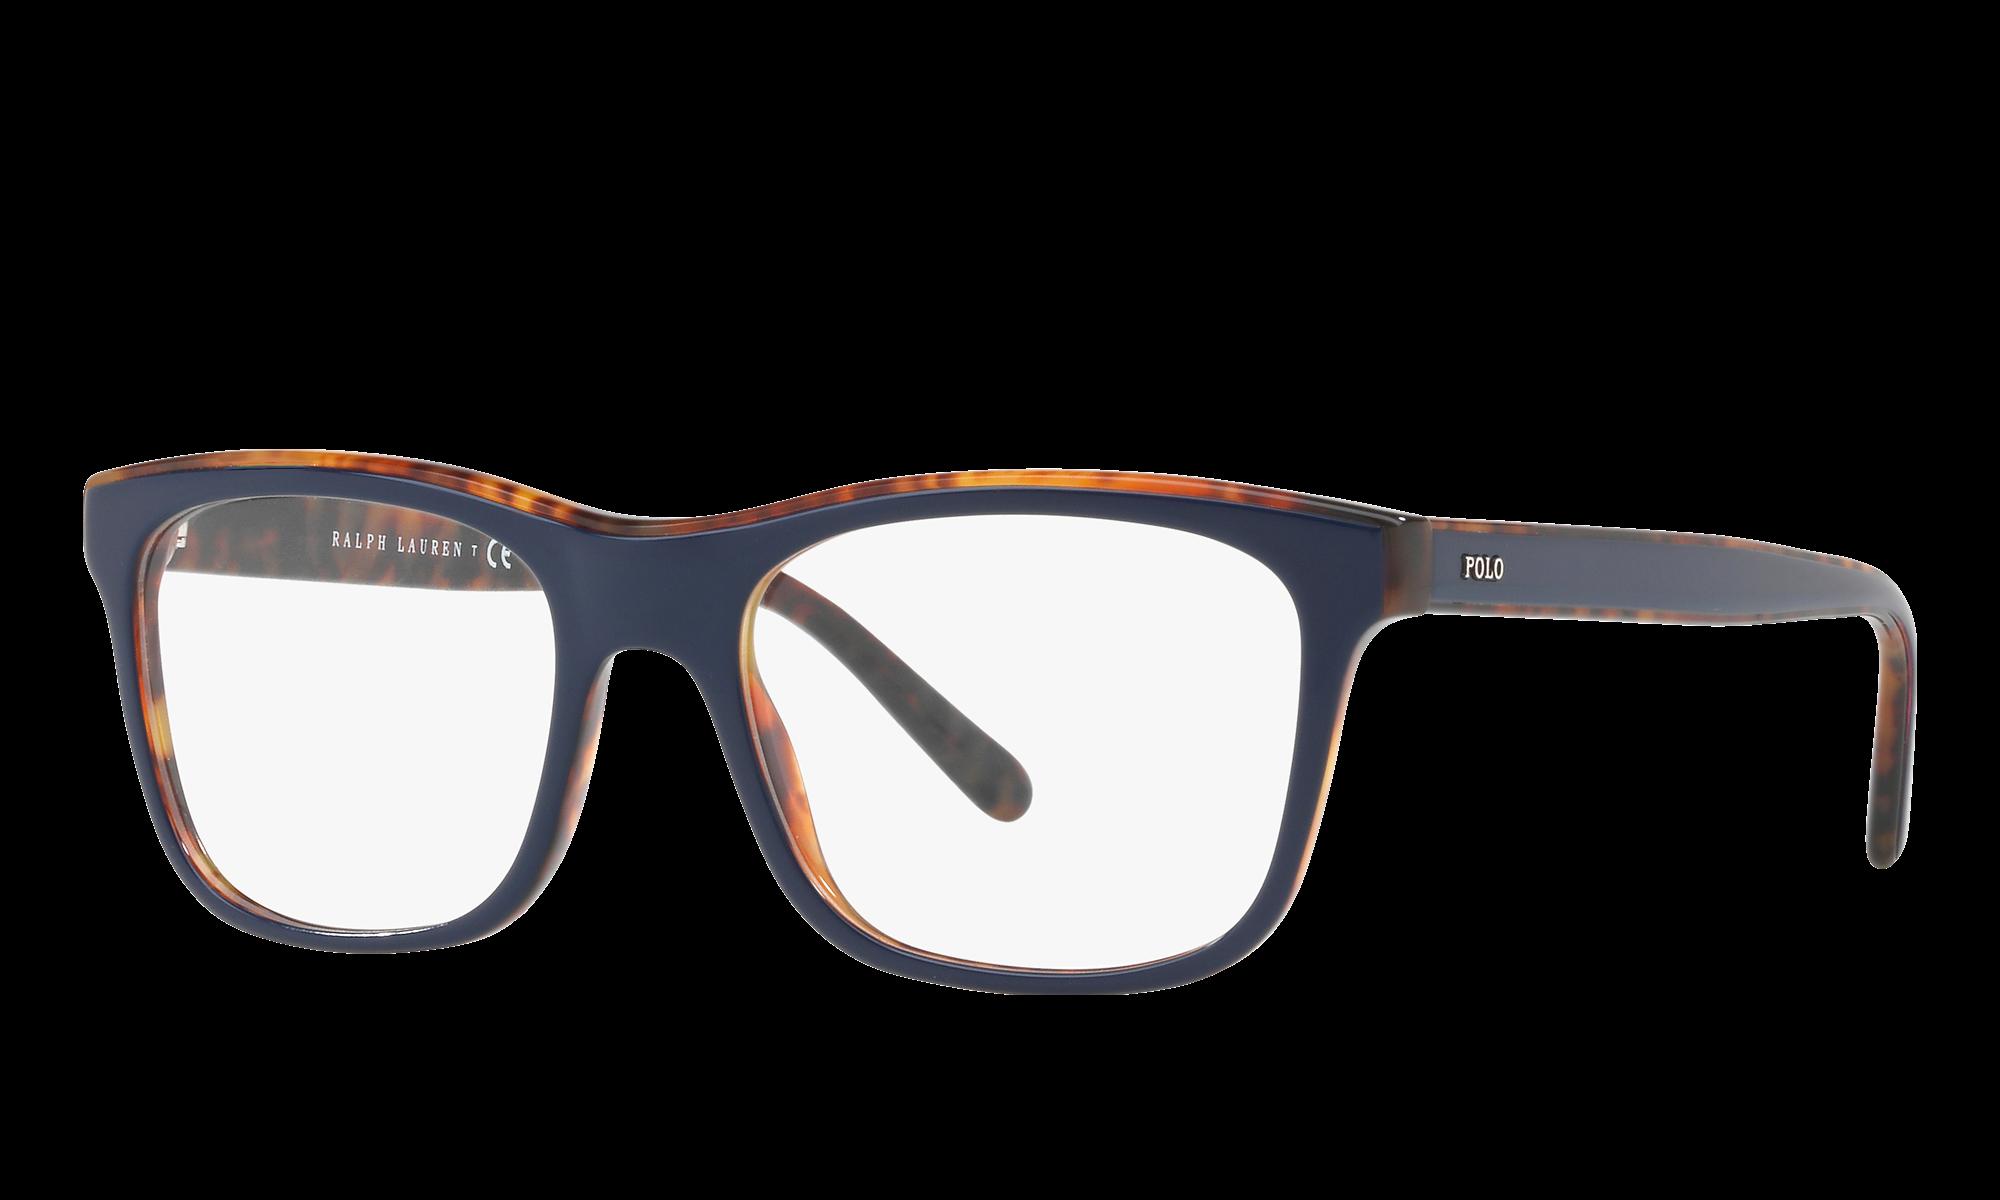 Polo Ralph Lauren PH2173 Black Eyeglasses | Glasses.com ...